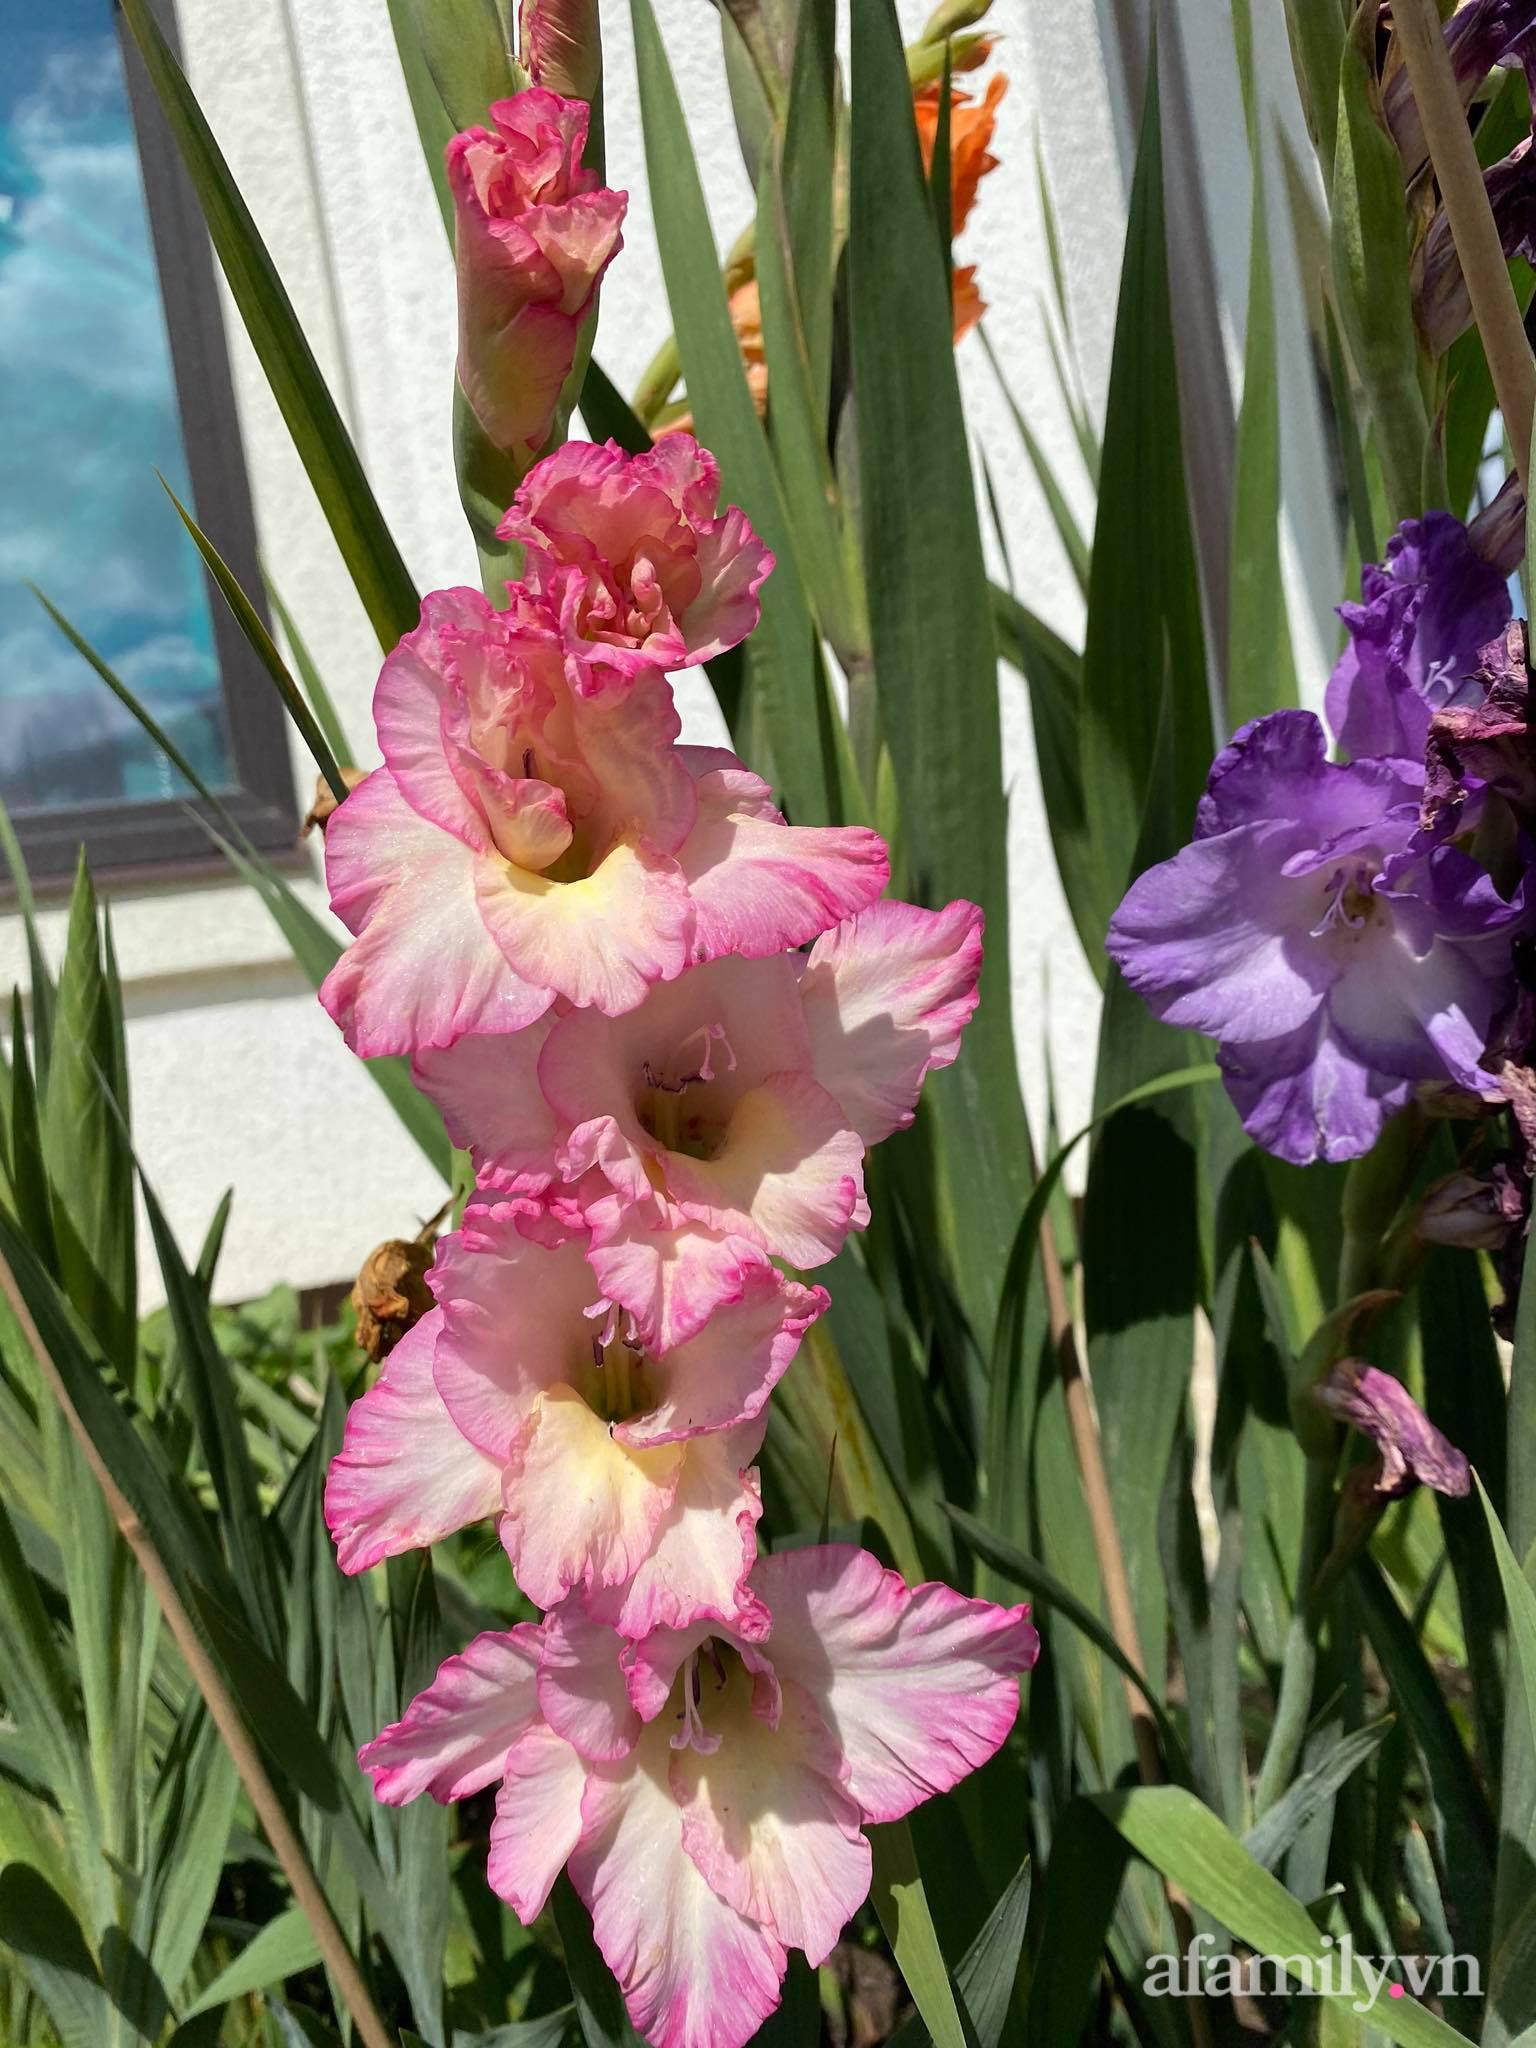 Khu vườn ngát hương hoa, tươi xanh màu rau củ của nữ giám đốc Việt ở Nga - Ảnh 16.